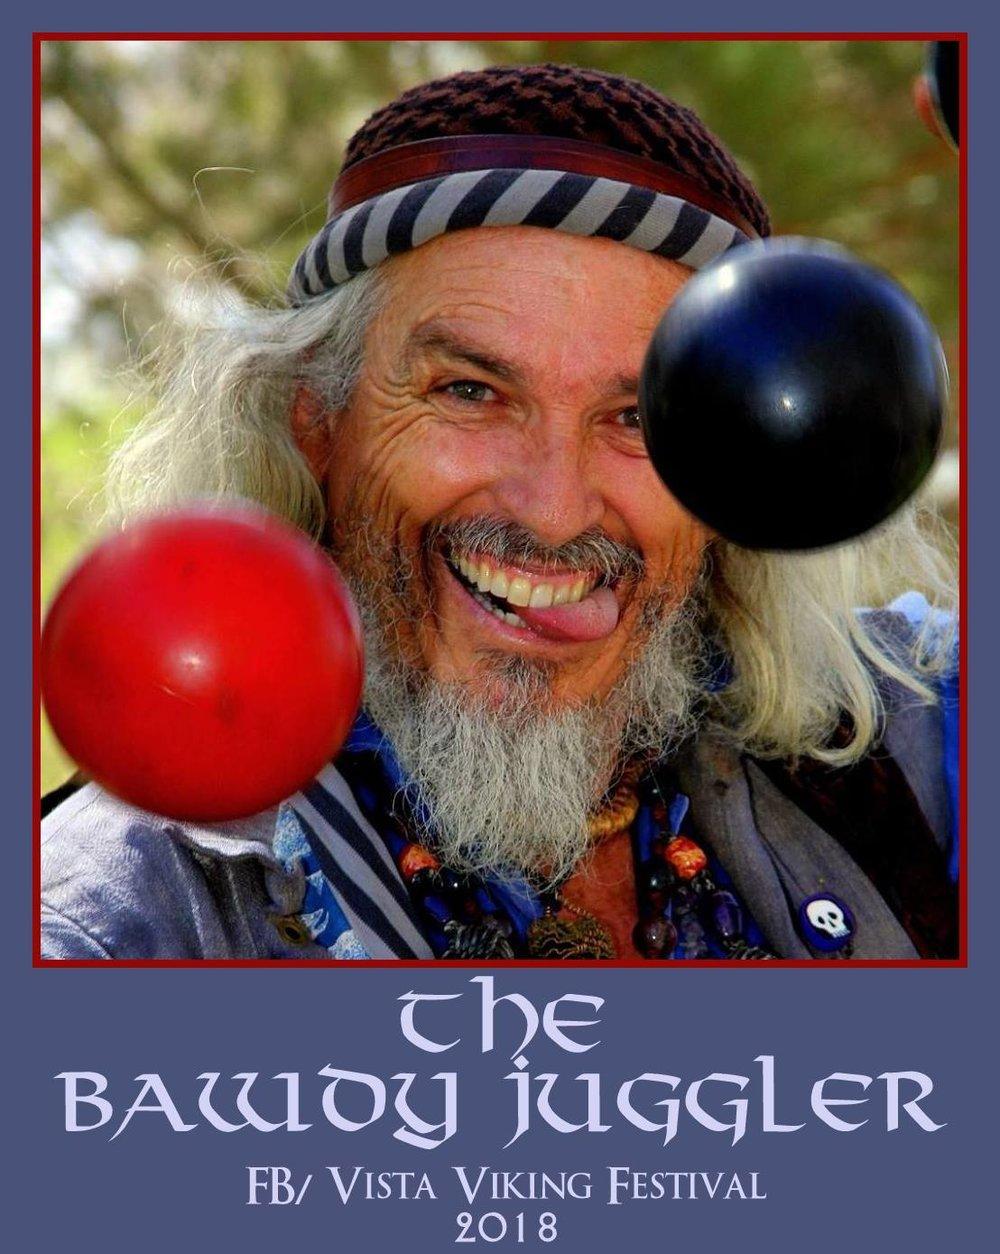 Bawdy Juggler_frame_2018.jpg